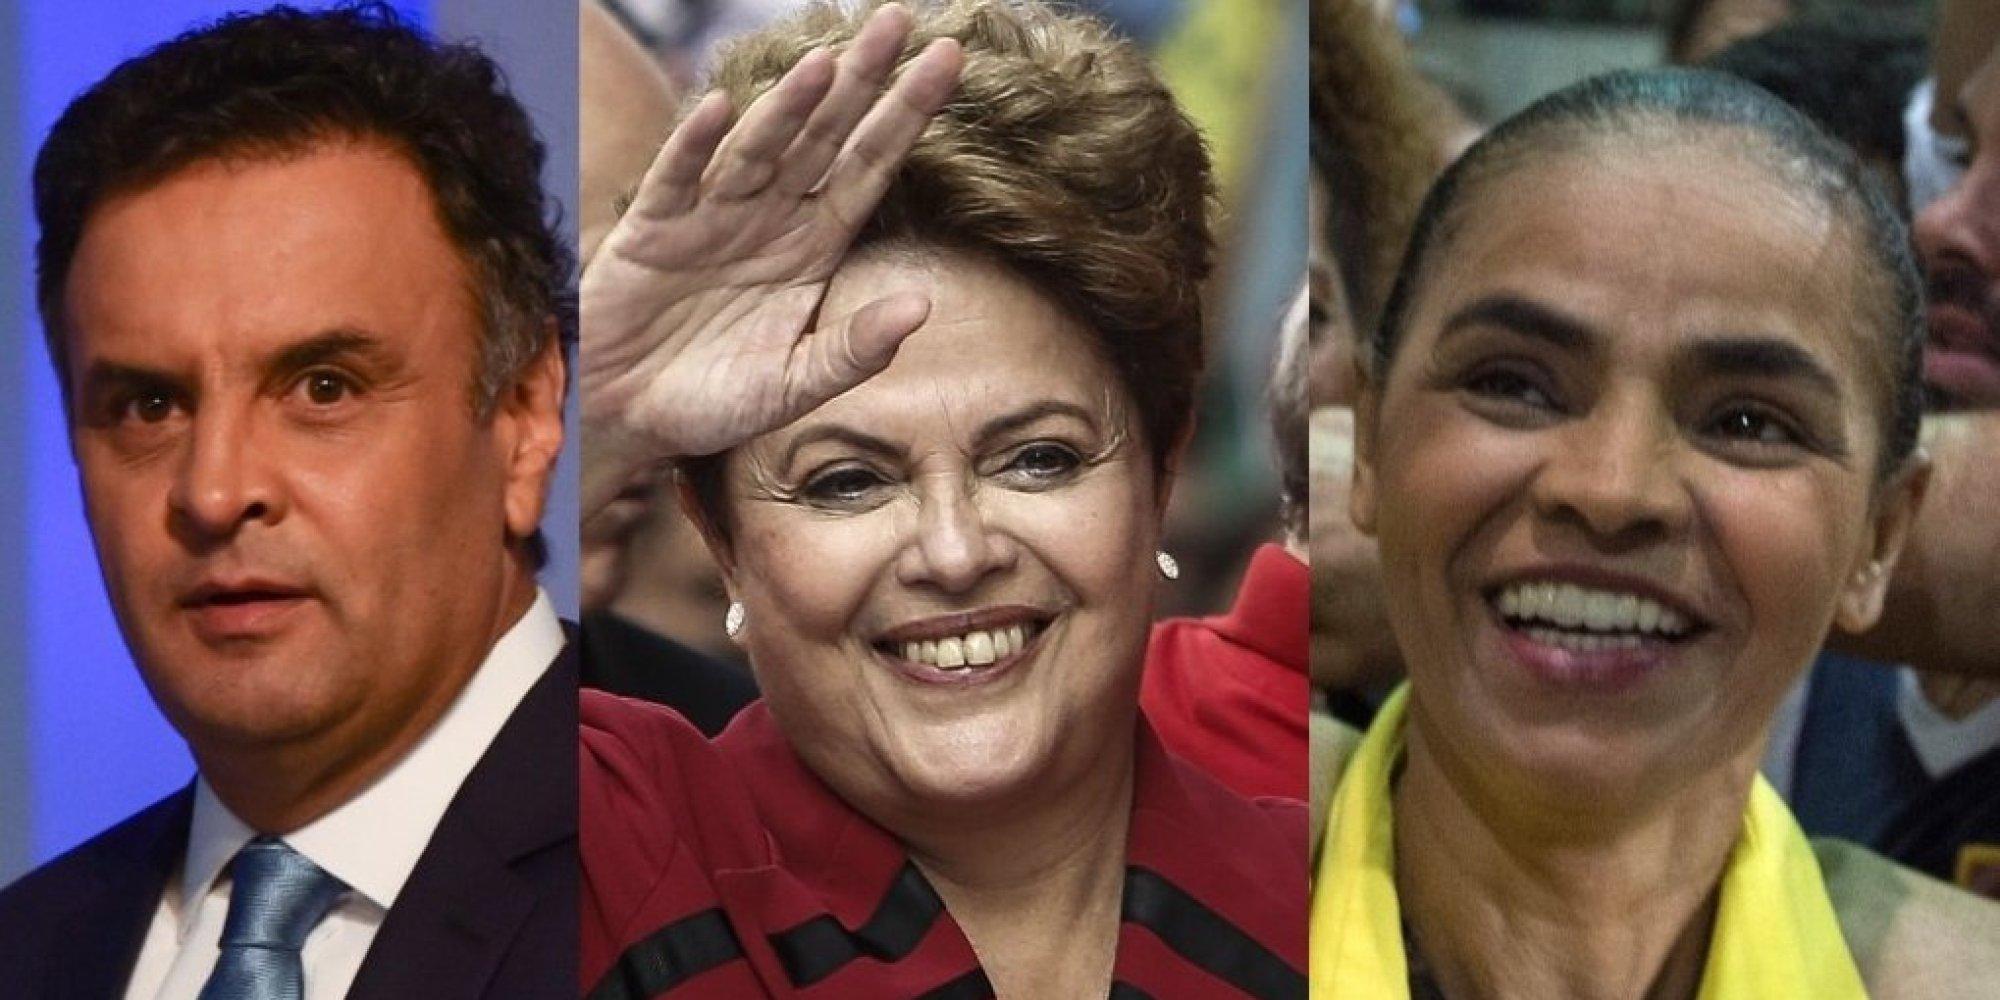 ブラジル大統領選 現職か、16歳から読み書きを学... シェア ブラジル大統領選 現職か、16歳